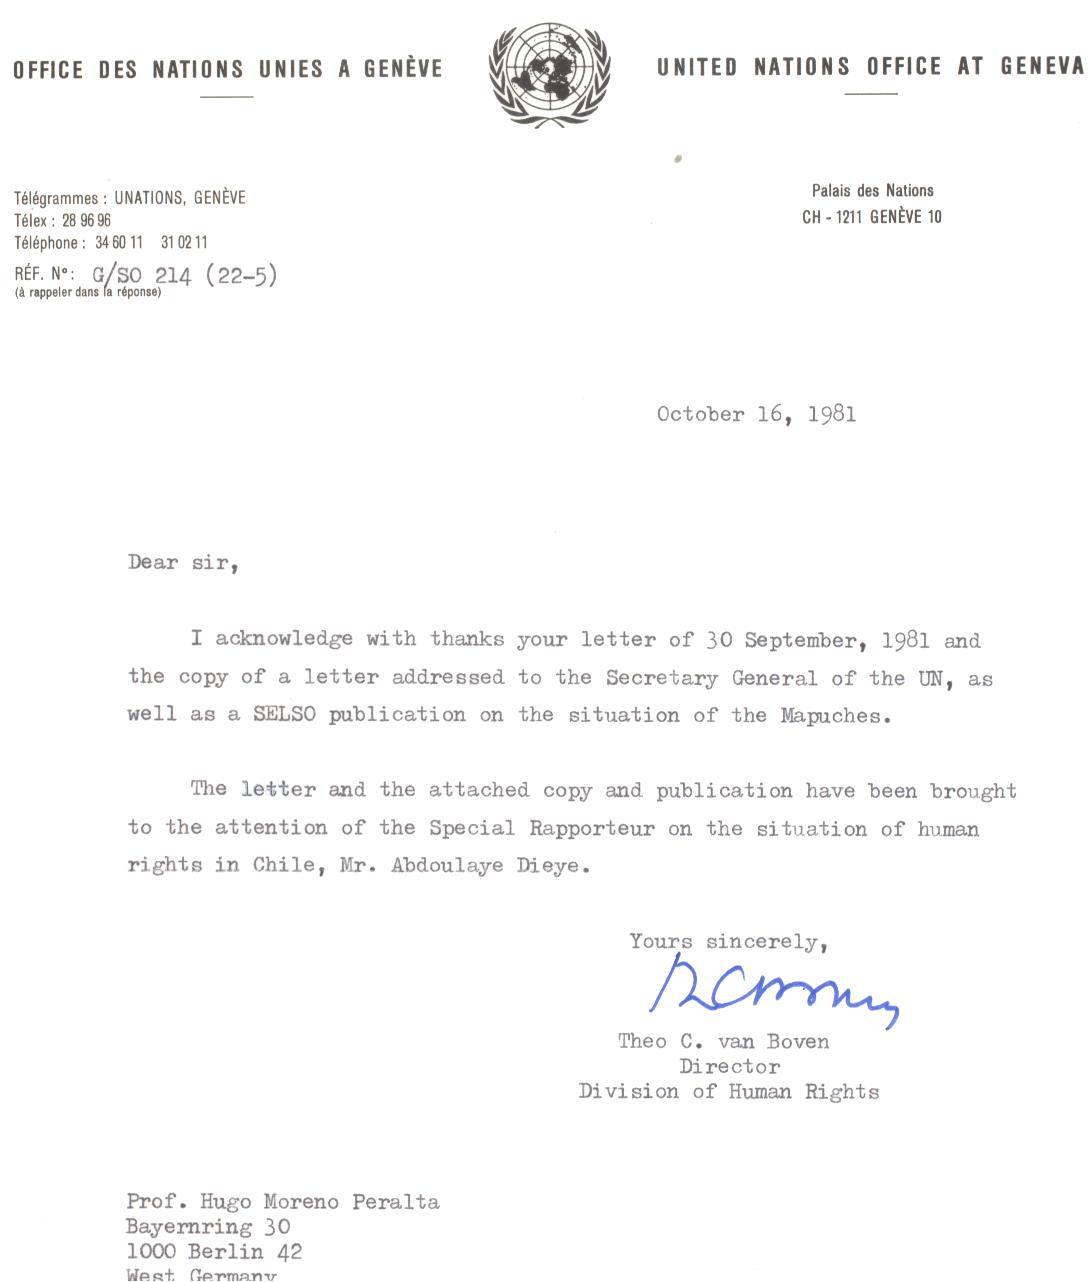 Carta Naciones Unidas